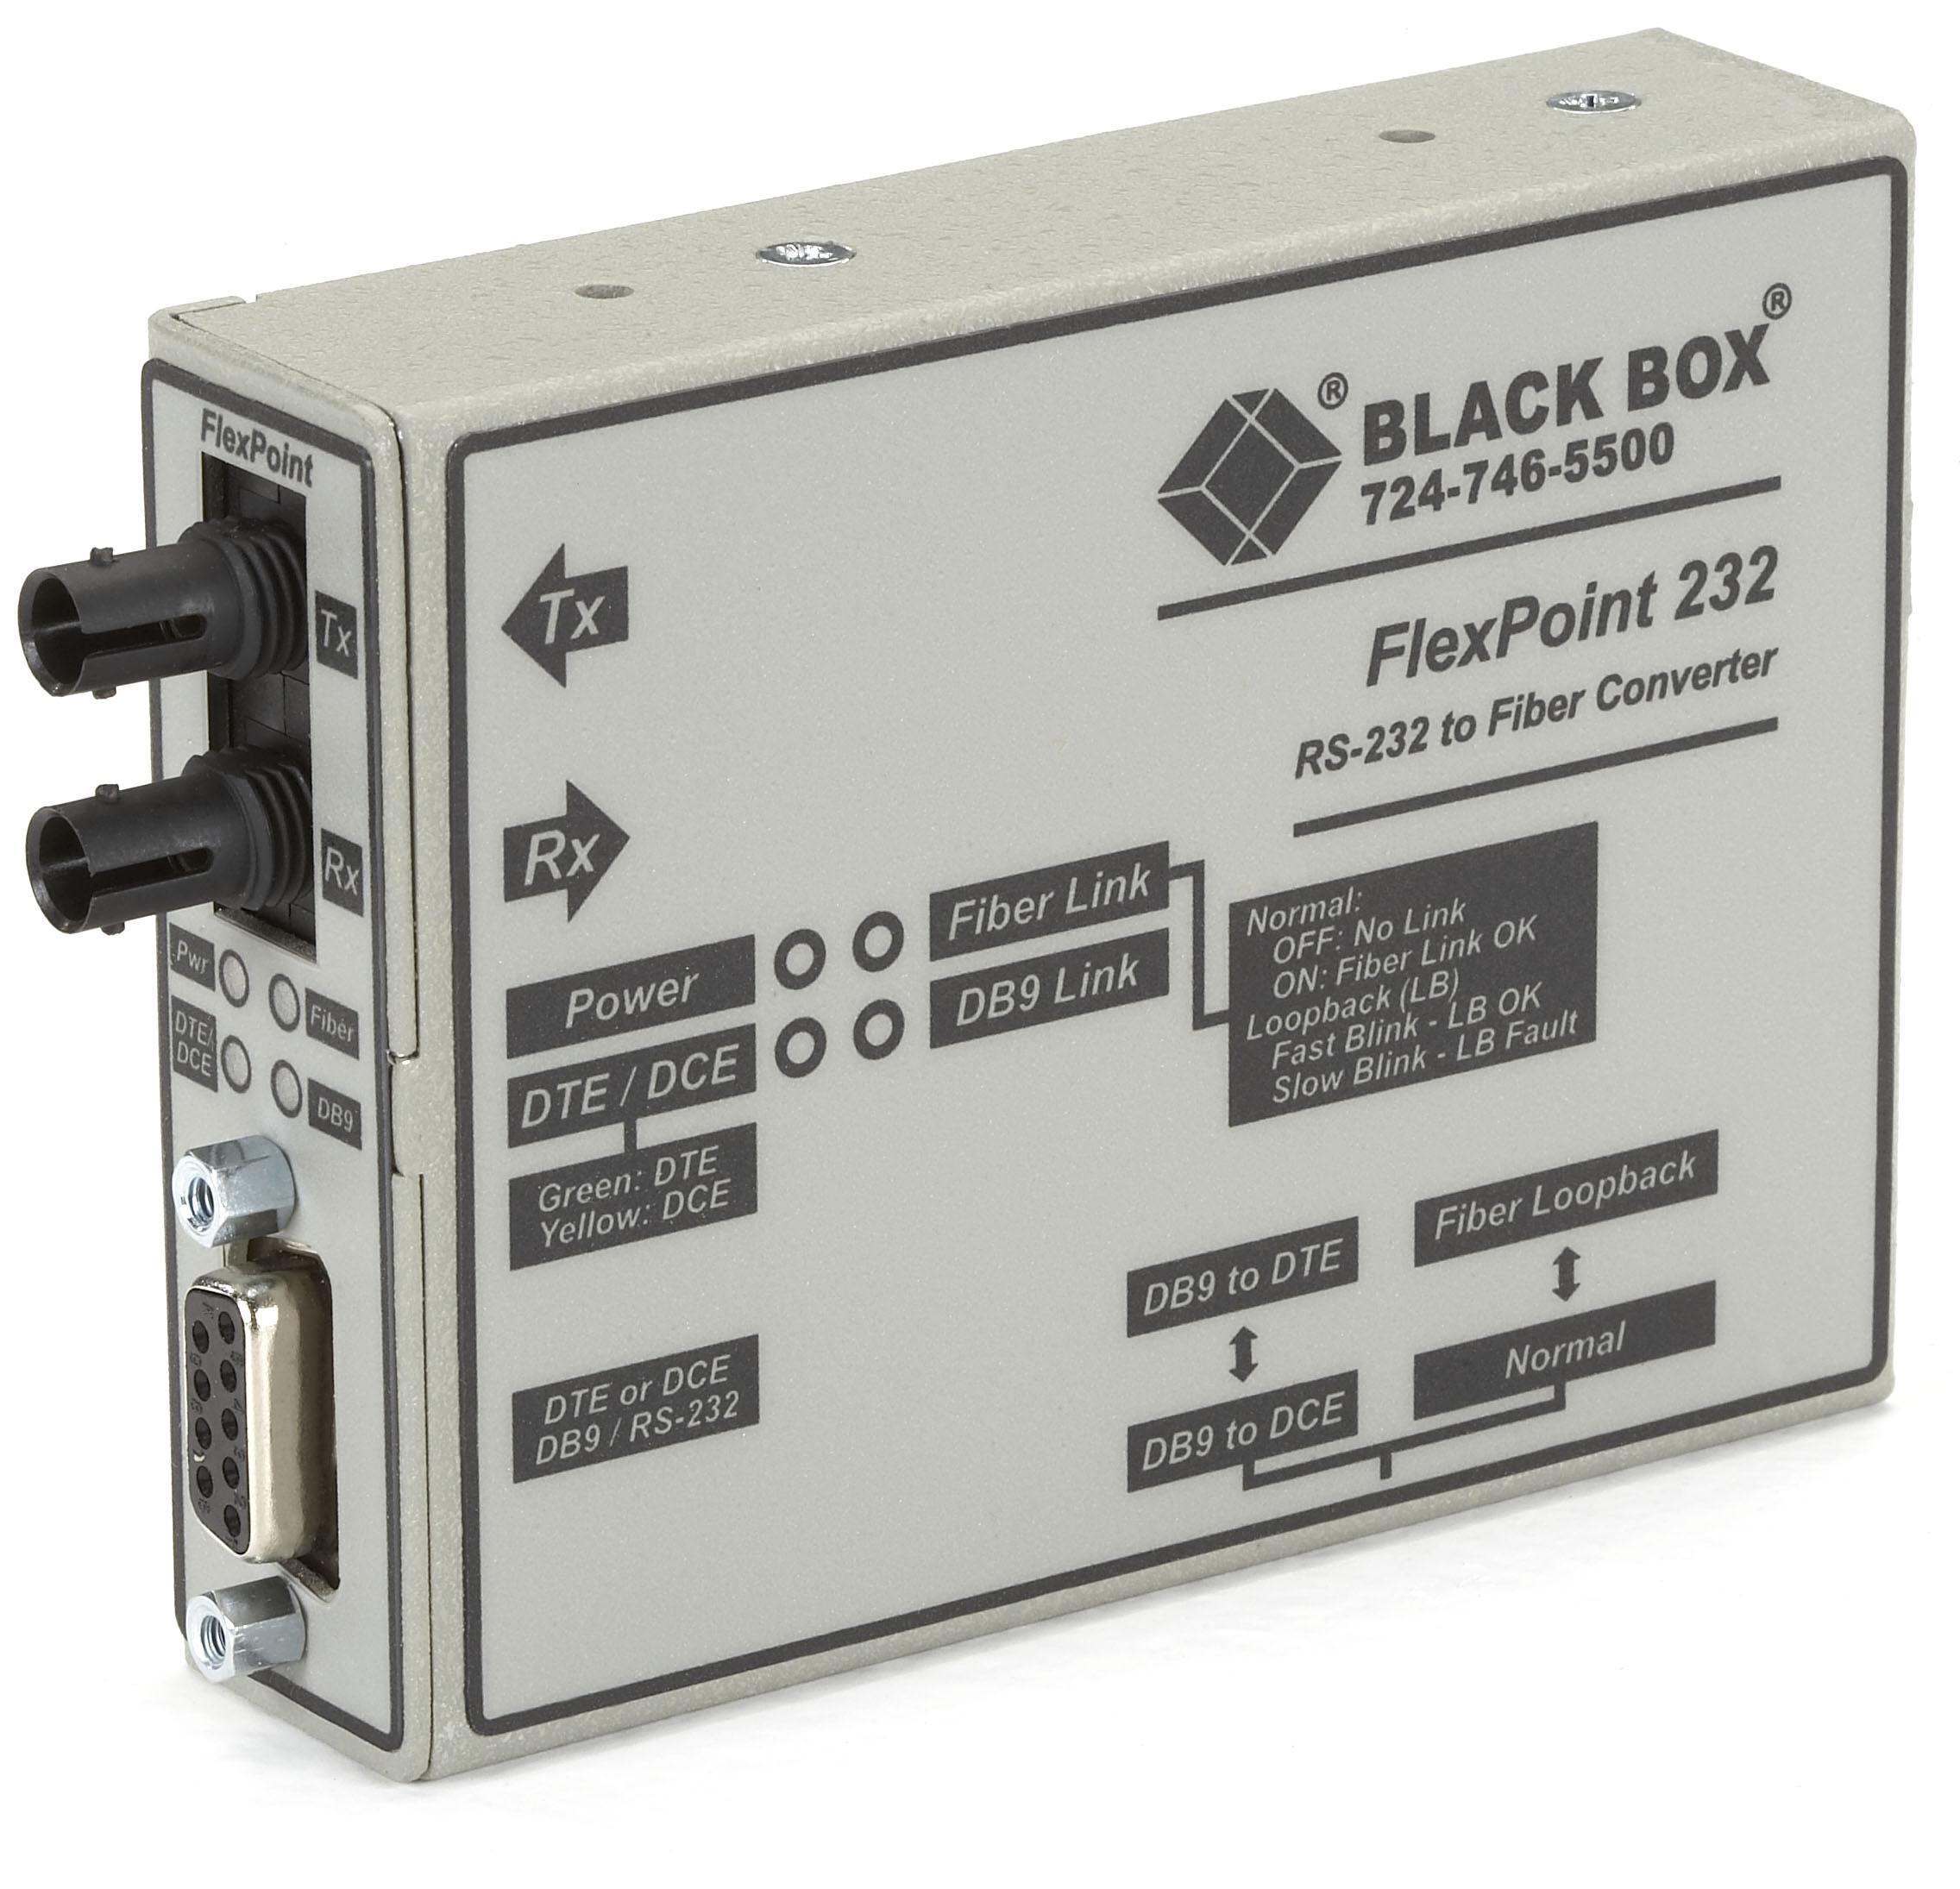 MFF DB9, 3 Black Box Data Tap DB9 Connectors